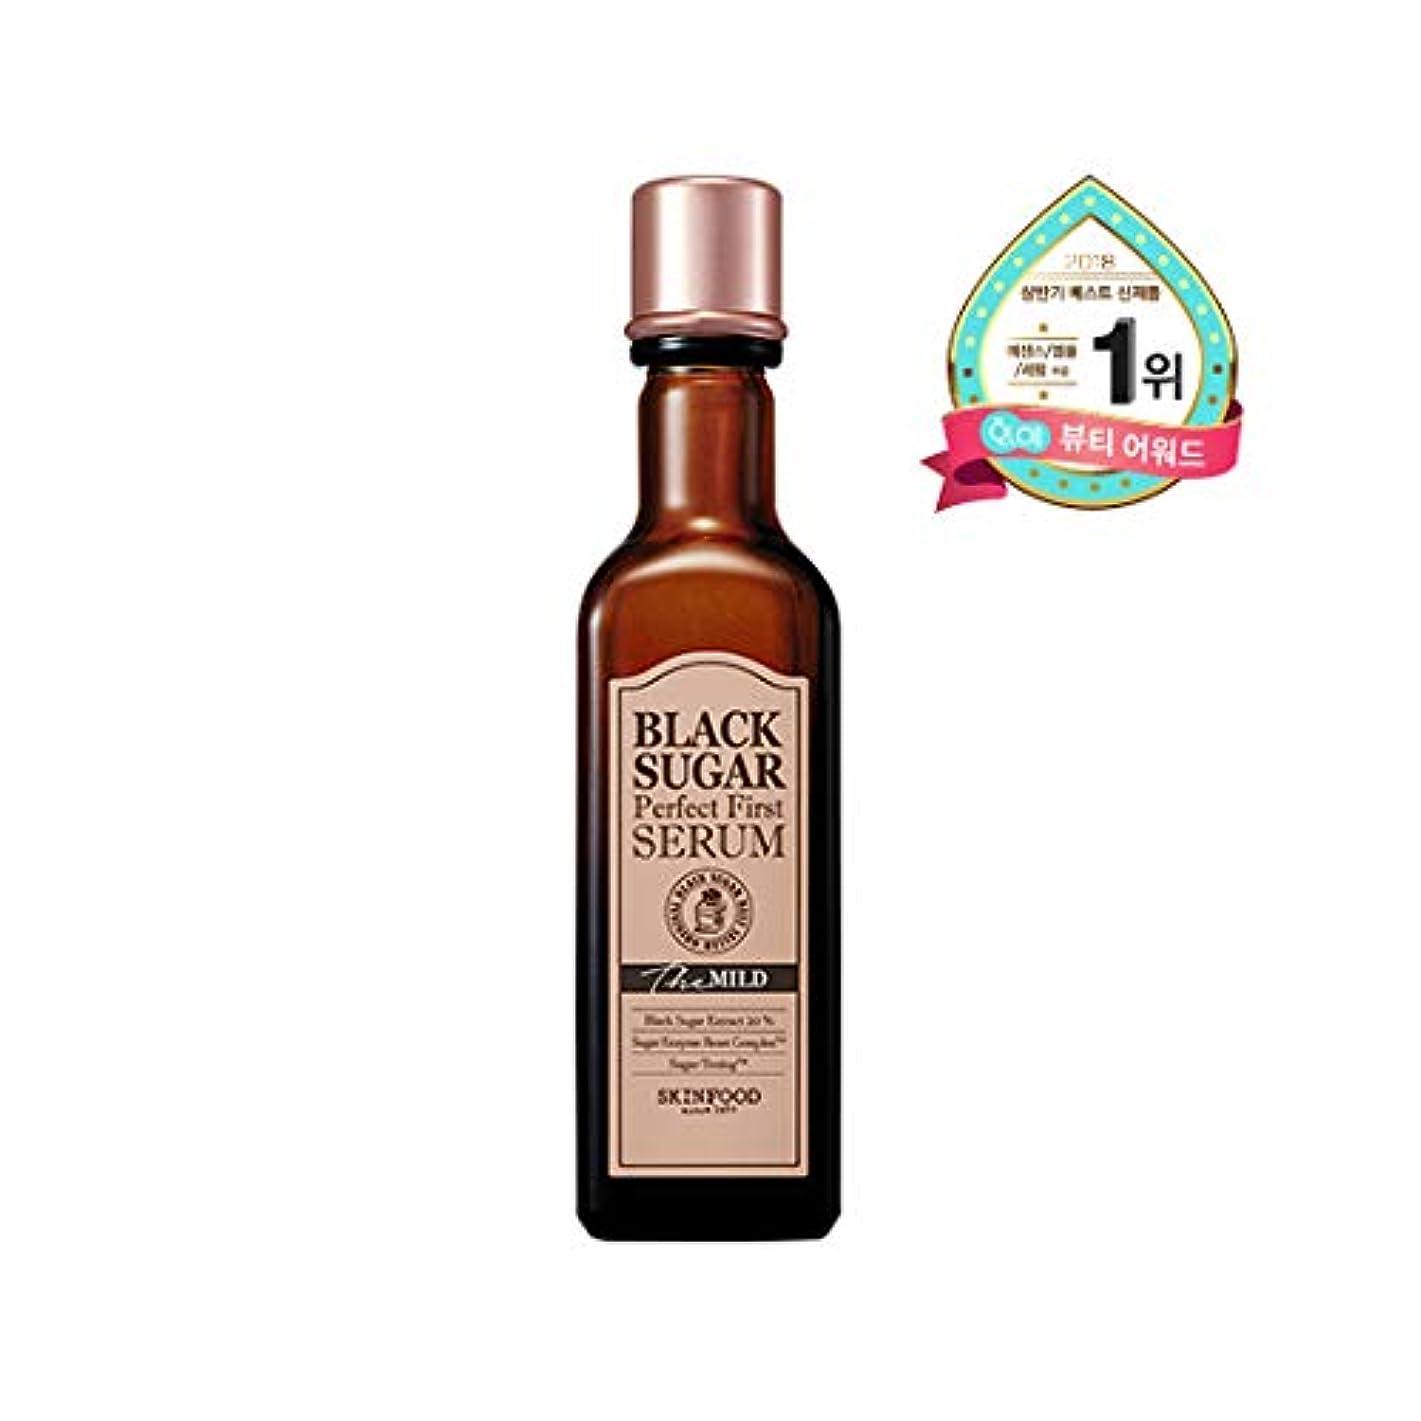 泳ぐ熟すサドルSkinfood black sugar perfect first serum the mild/黒糖完璧な最初の血清マイルド/120ml + 60ea [並行輸入品]